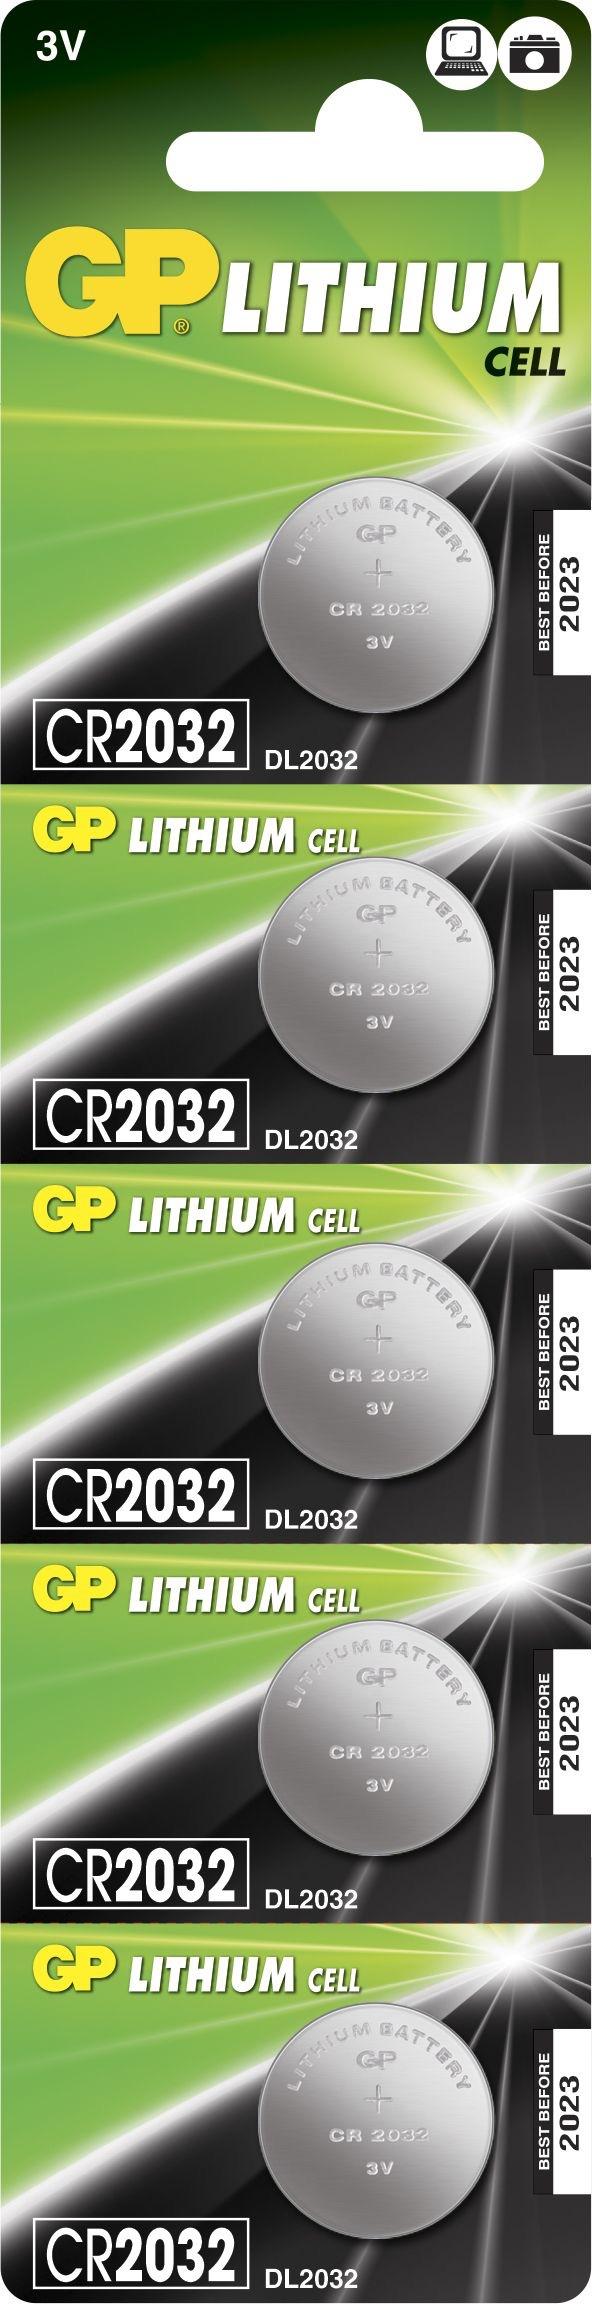 Billede af 5 stk. CR2032 3 Volt Lithium batteri